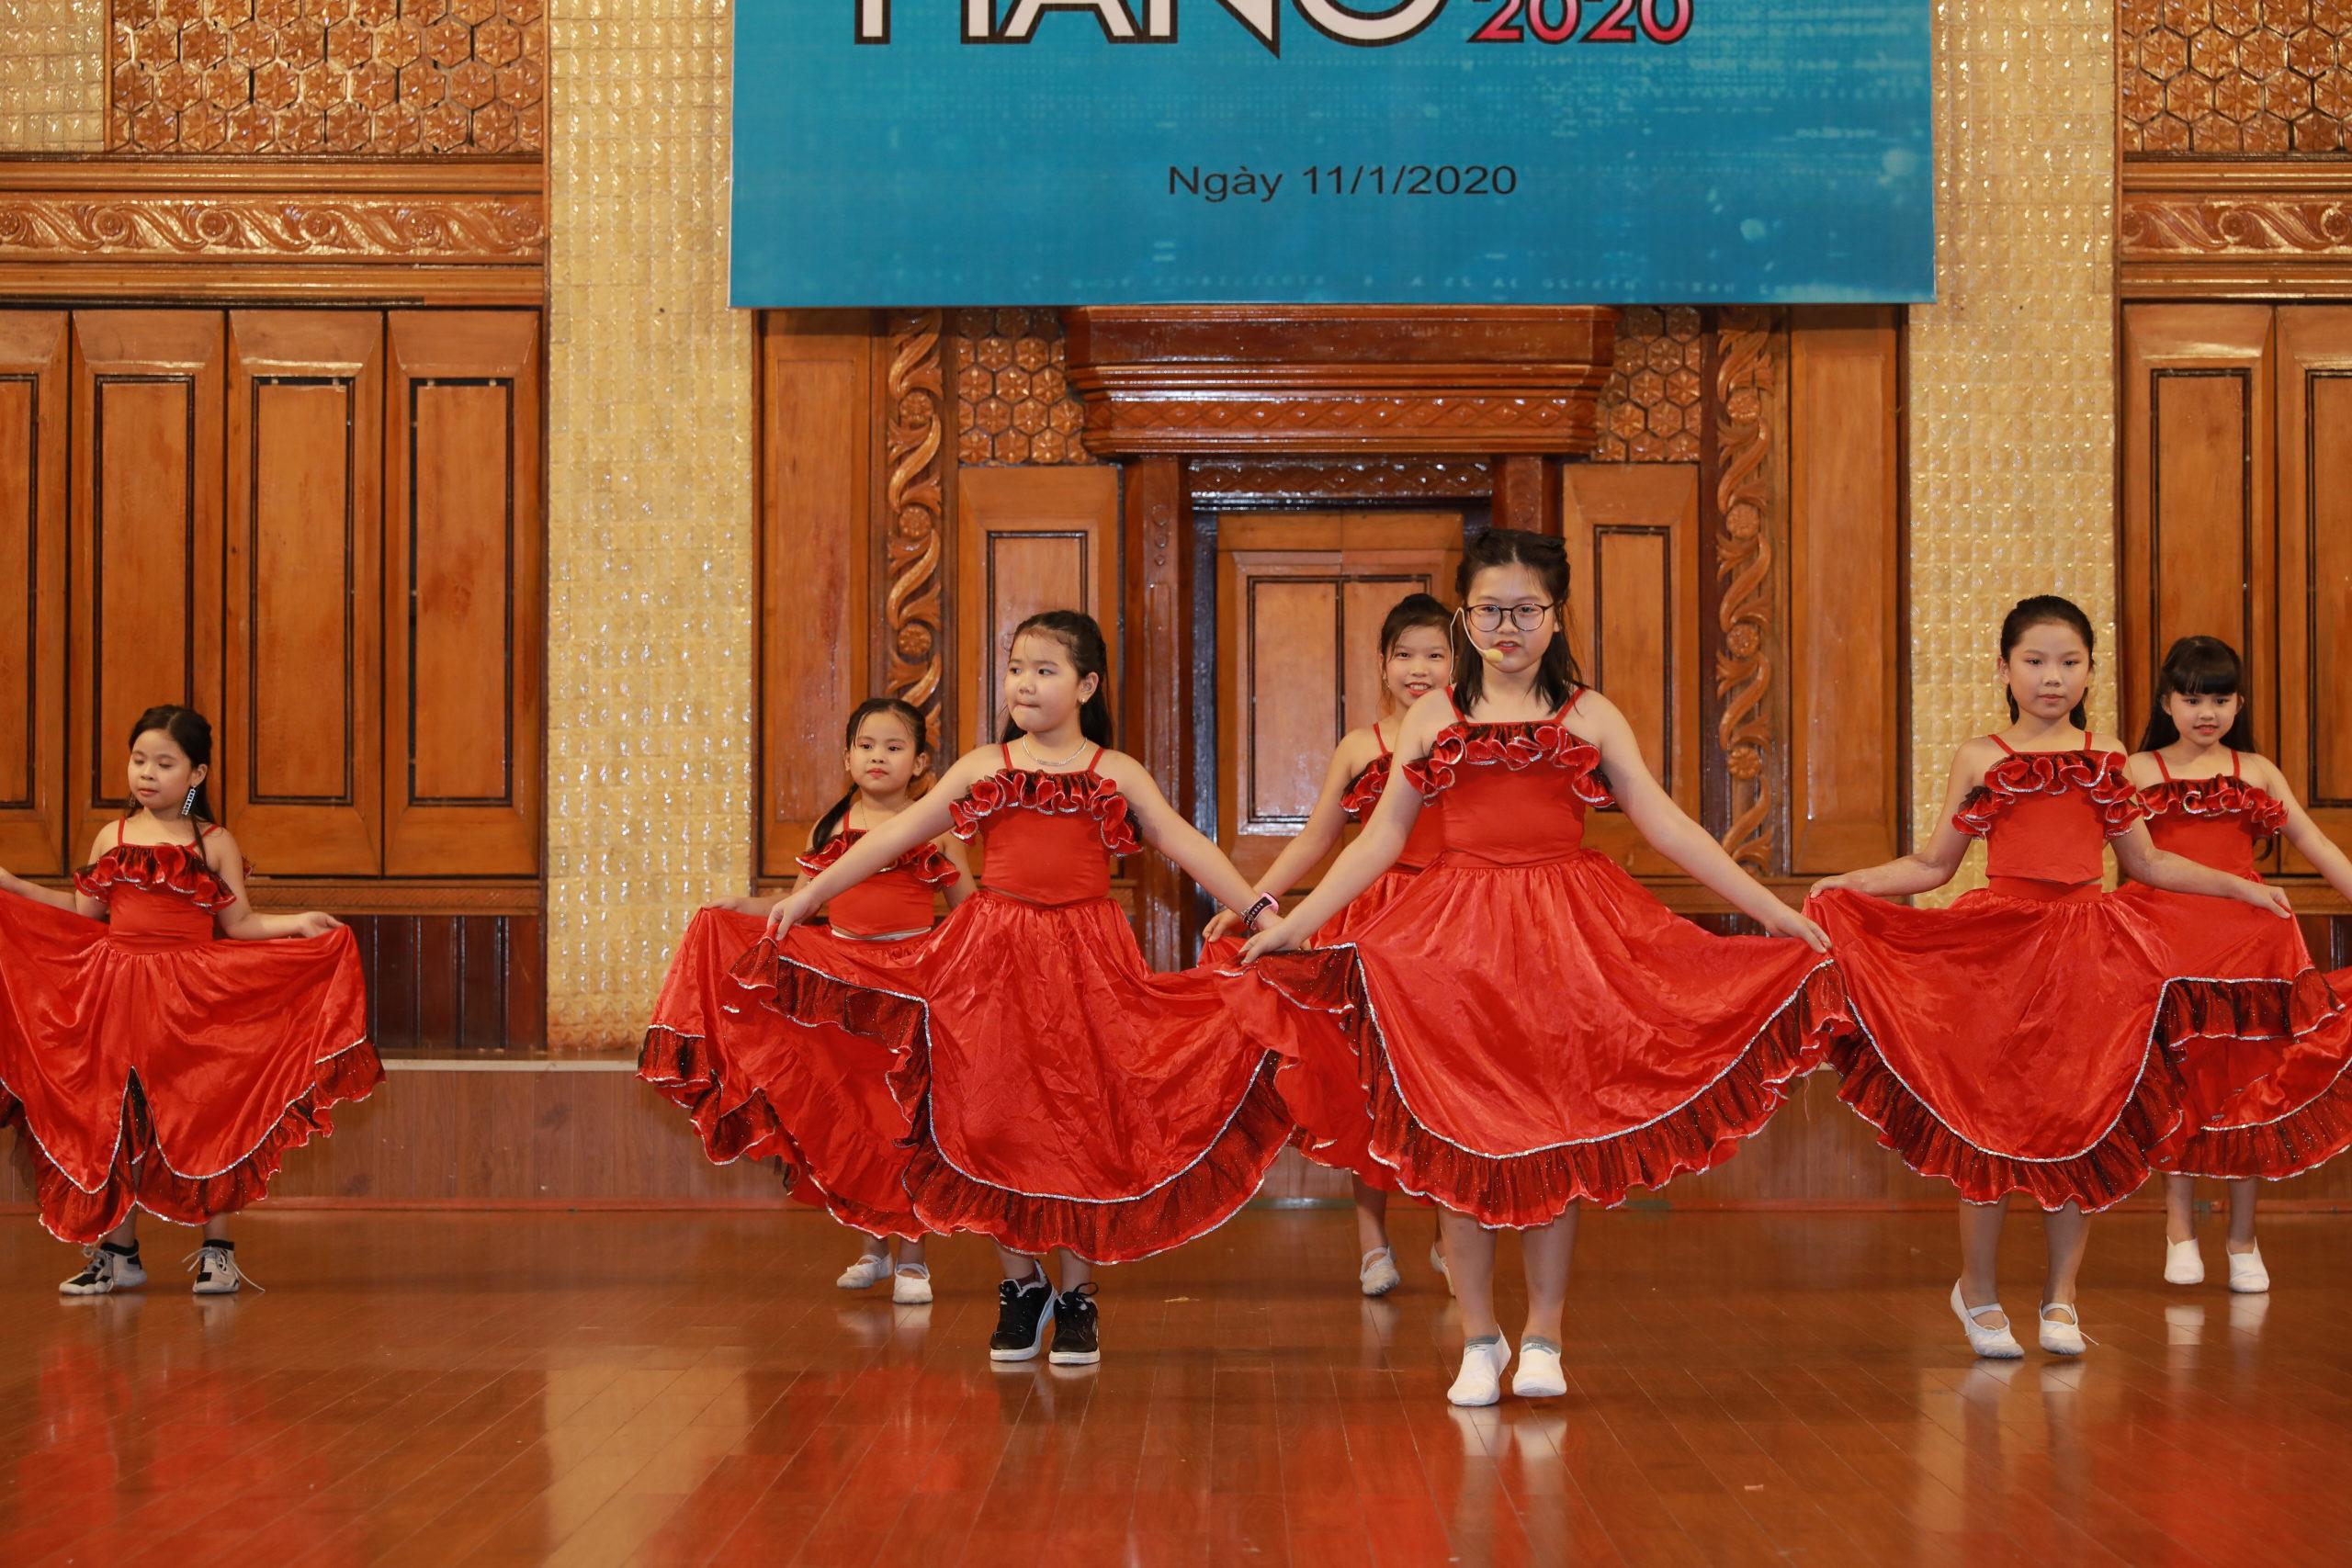 Piano Festival 2020 – tưng bừng chiếu sáng các học viên CLB Maika – Trung tâm nghệ thuật Vietskill Đông Anh